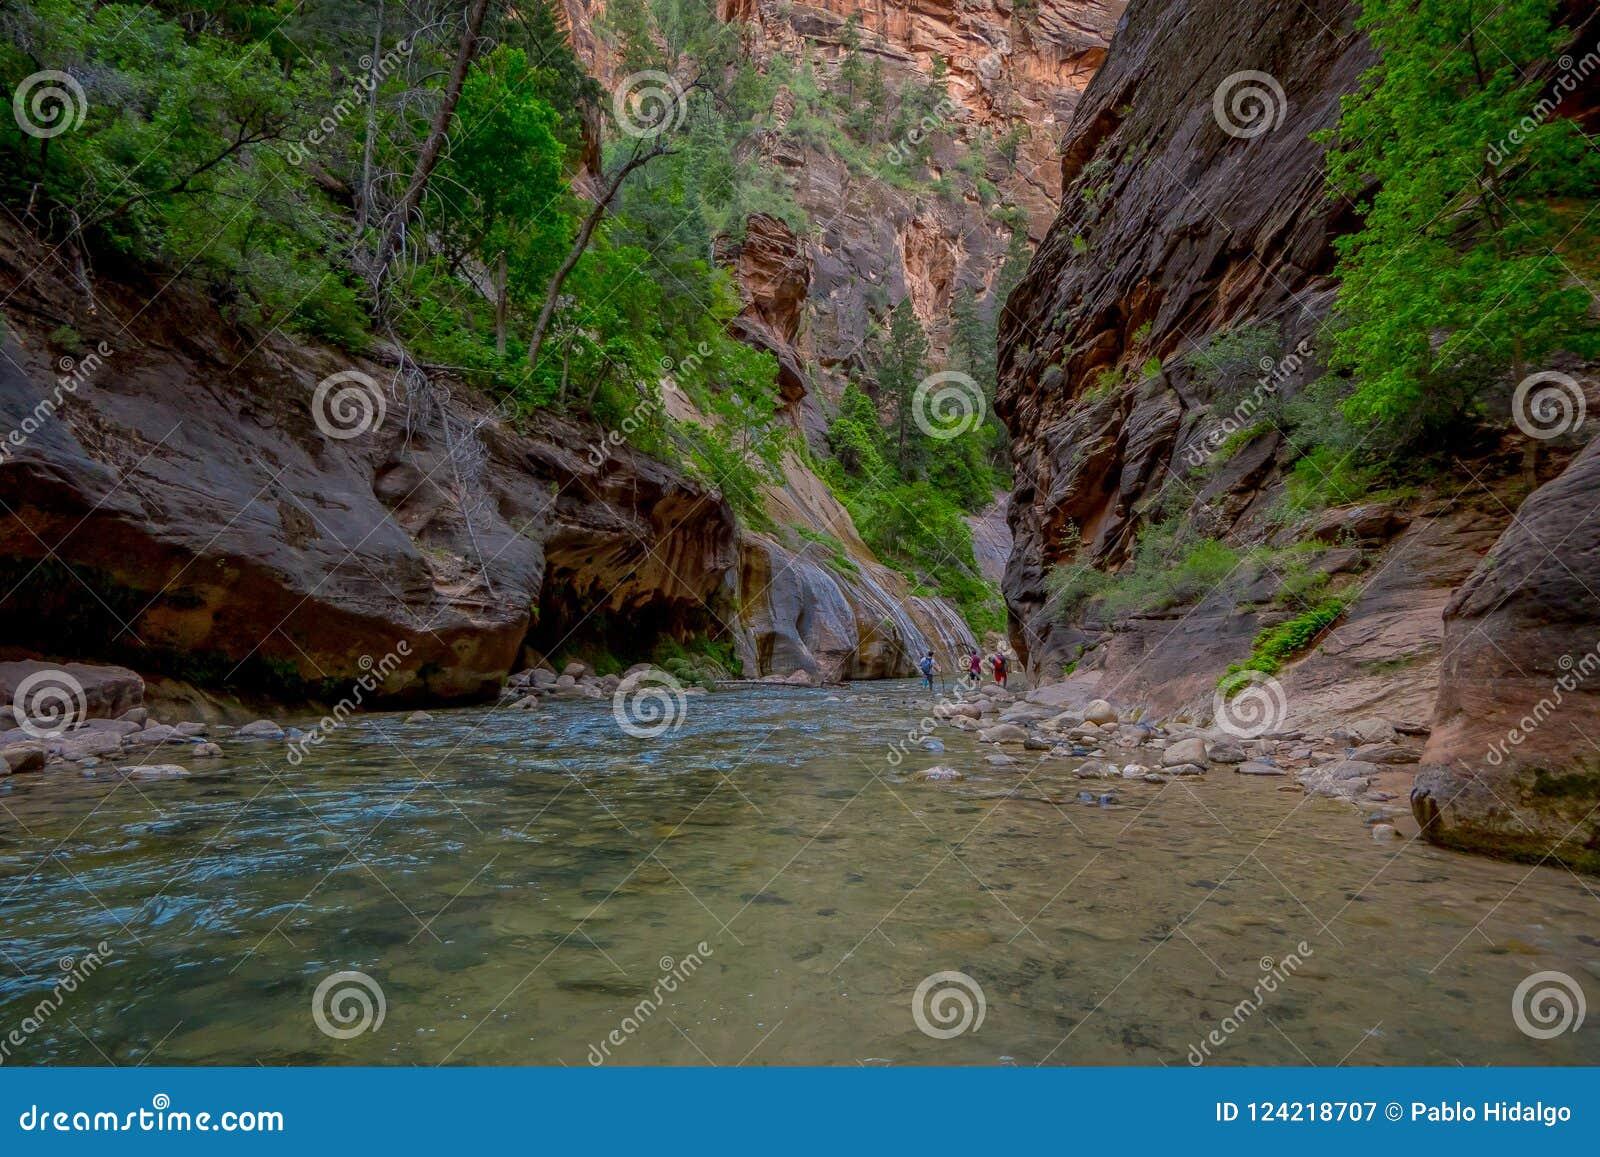 Dziewicza rzeka w Zion parku narodowym lokalizować w Południowo-zachodni Stany Zjednoczone i przesmyki, blisko Springdale, Utah